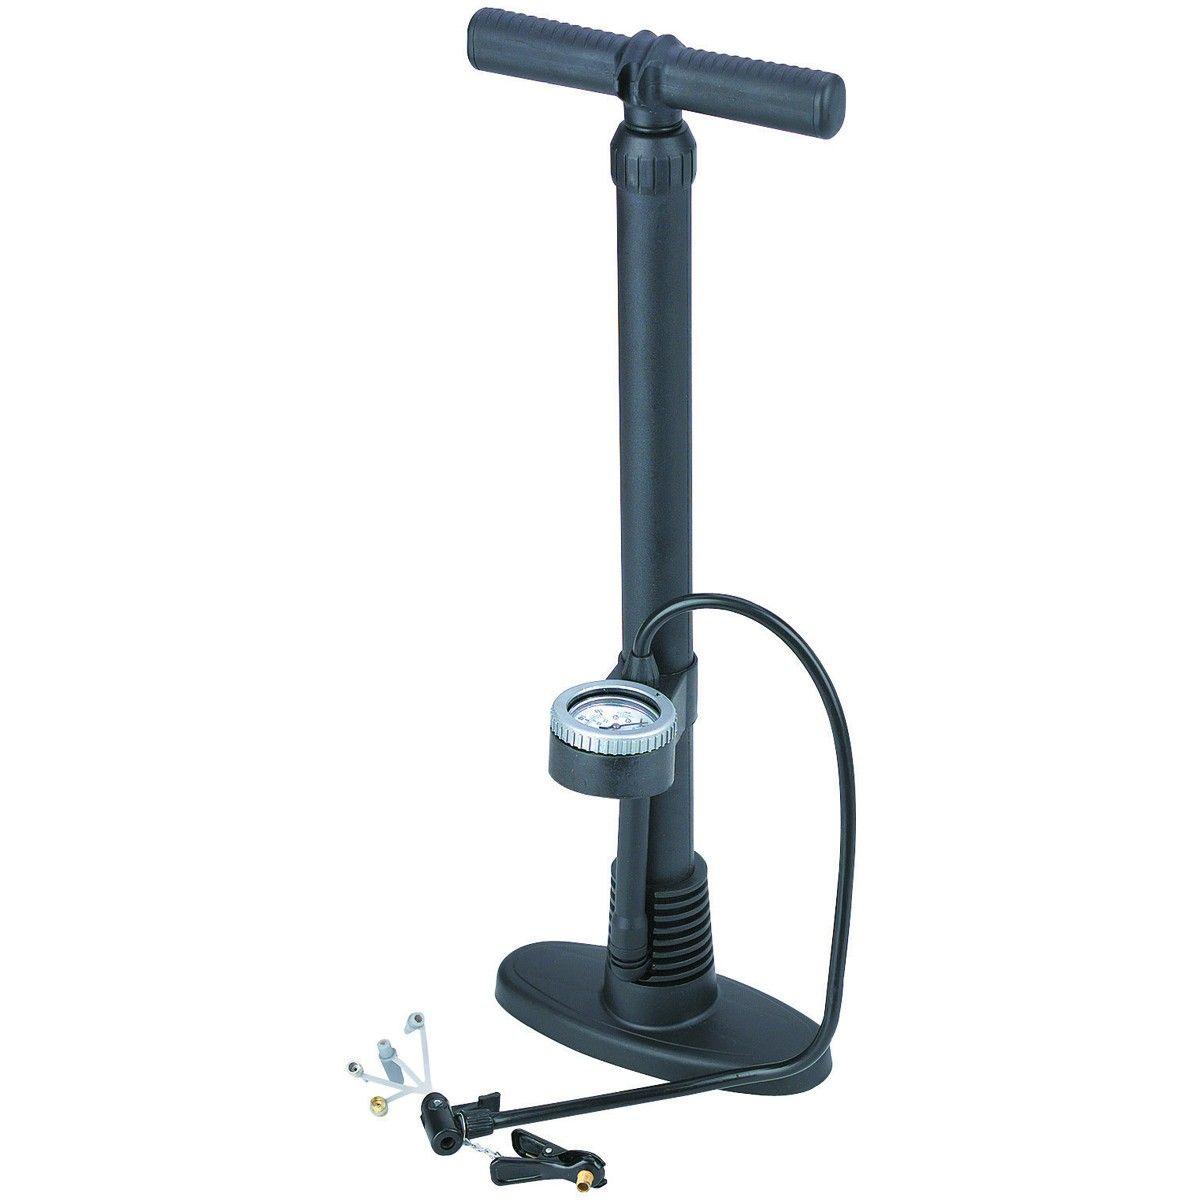 High Flow Hand Air Pump Bike pump, Pumps, Car